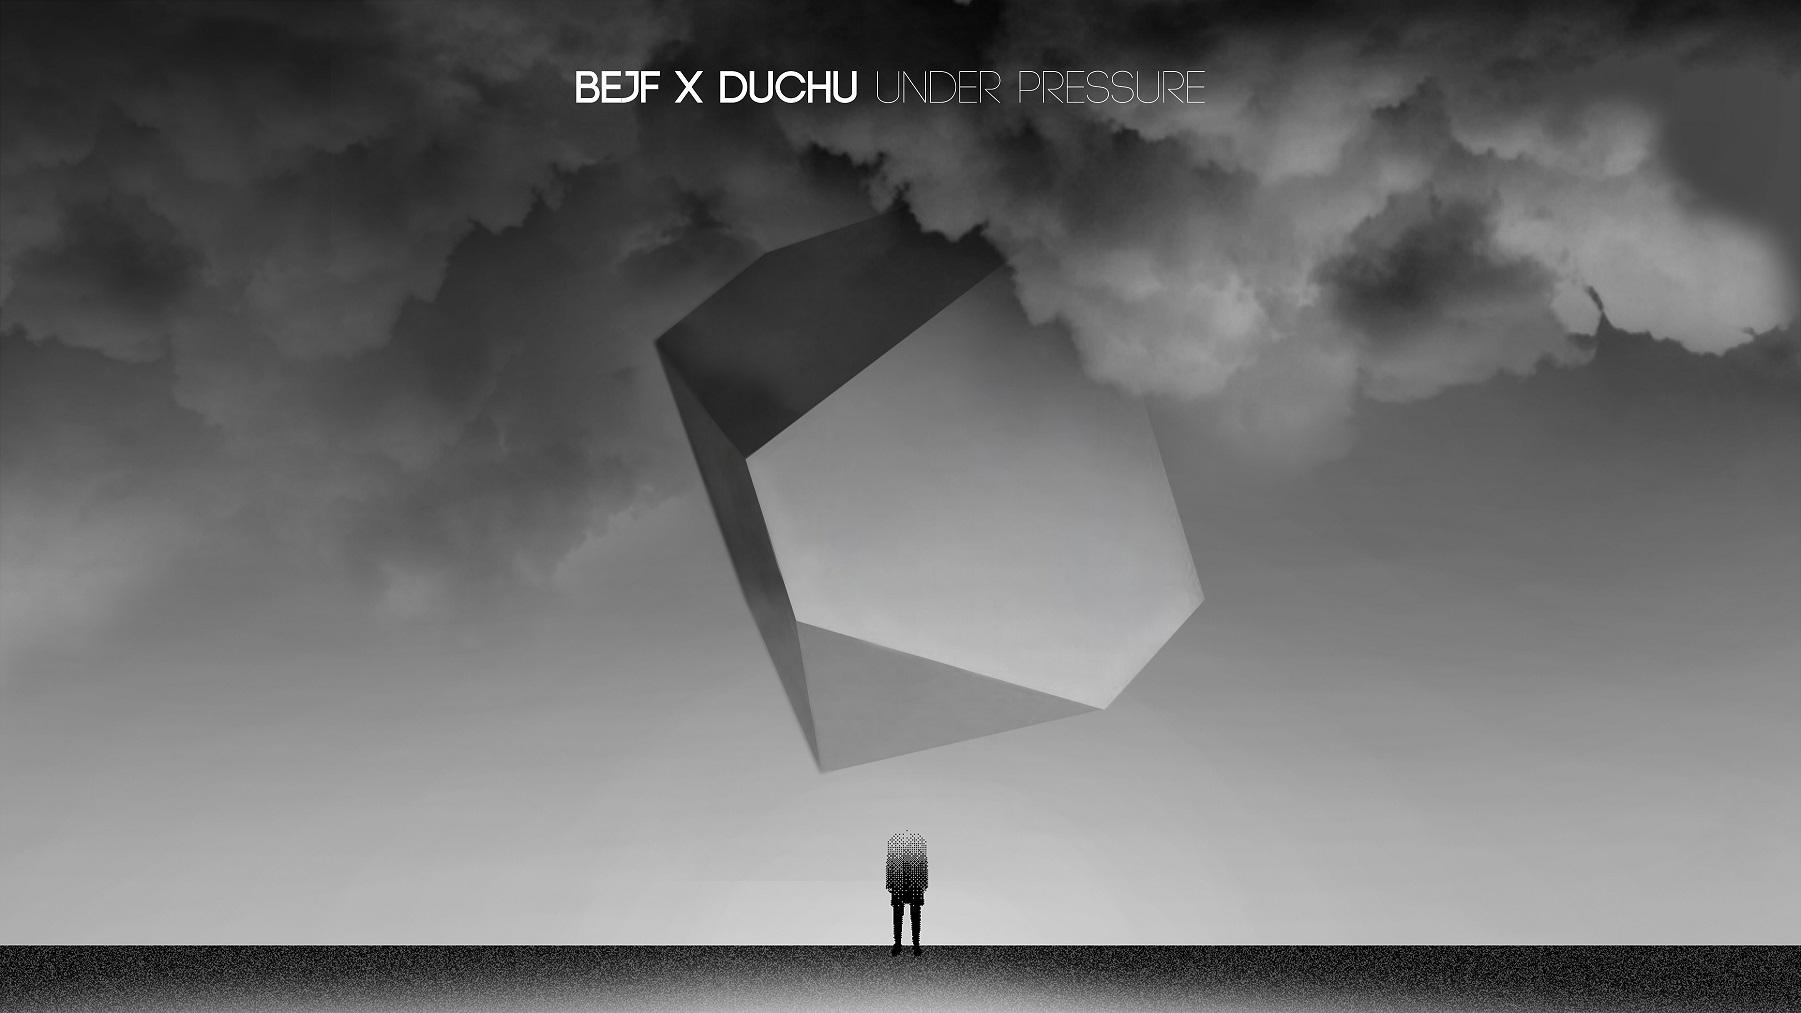 BEJF - Under Pressure